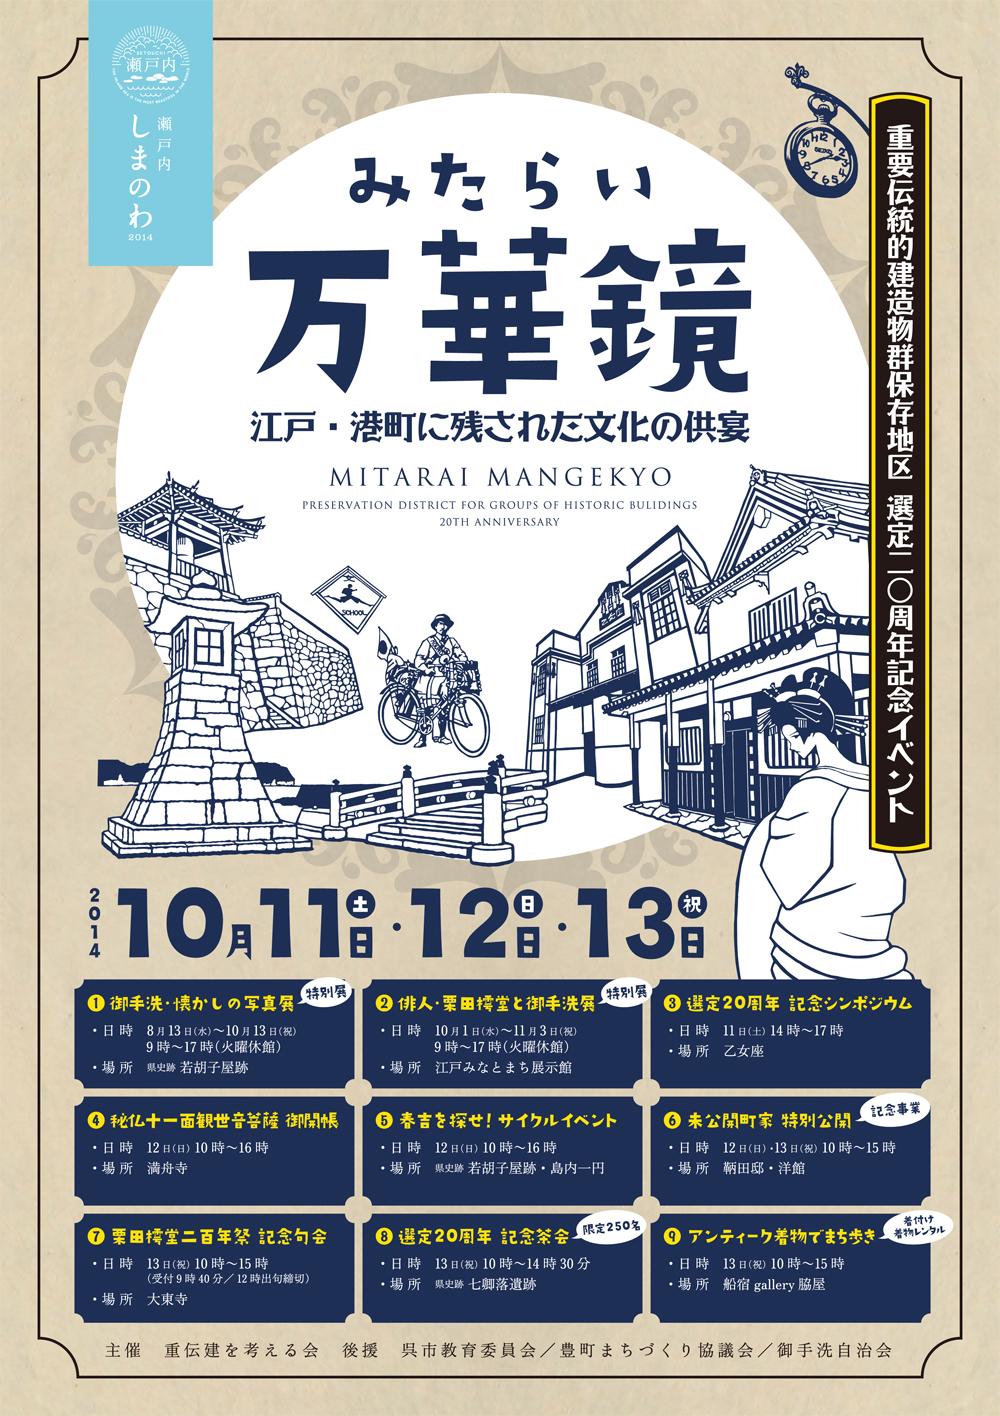 江戸時代の町並み丸ごと保存地区の御手洗(みたらい)で「みたらい万華鏡」開催